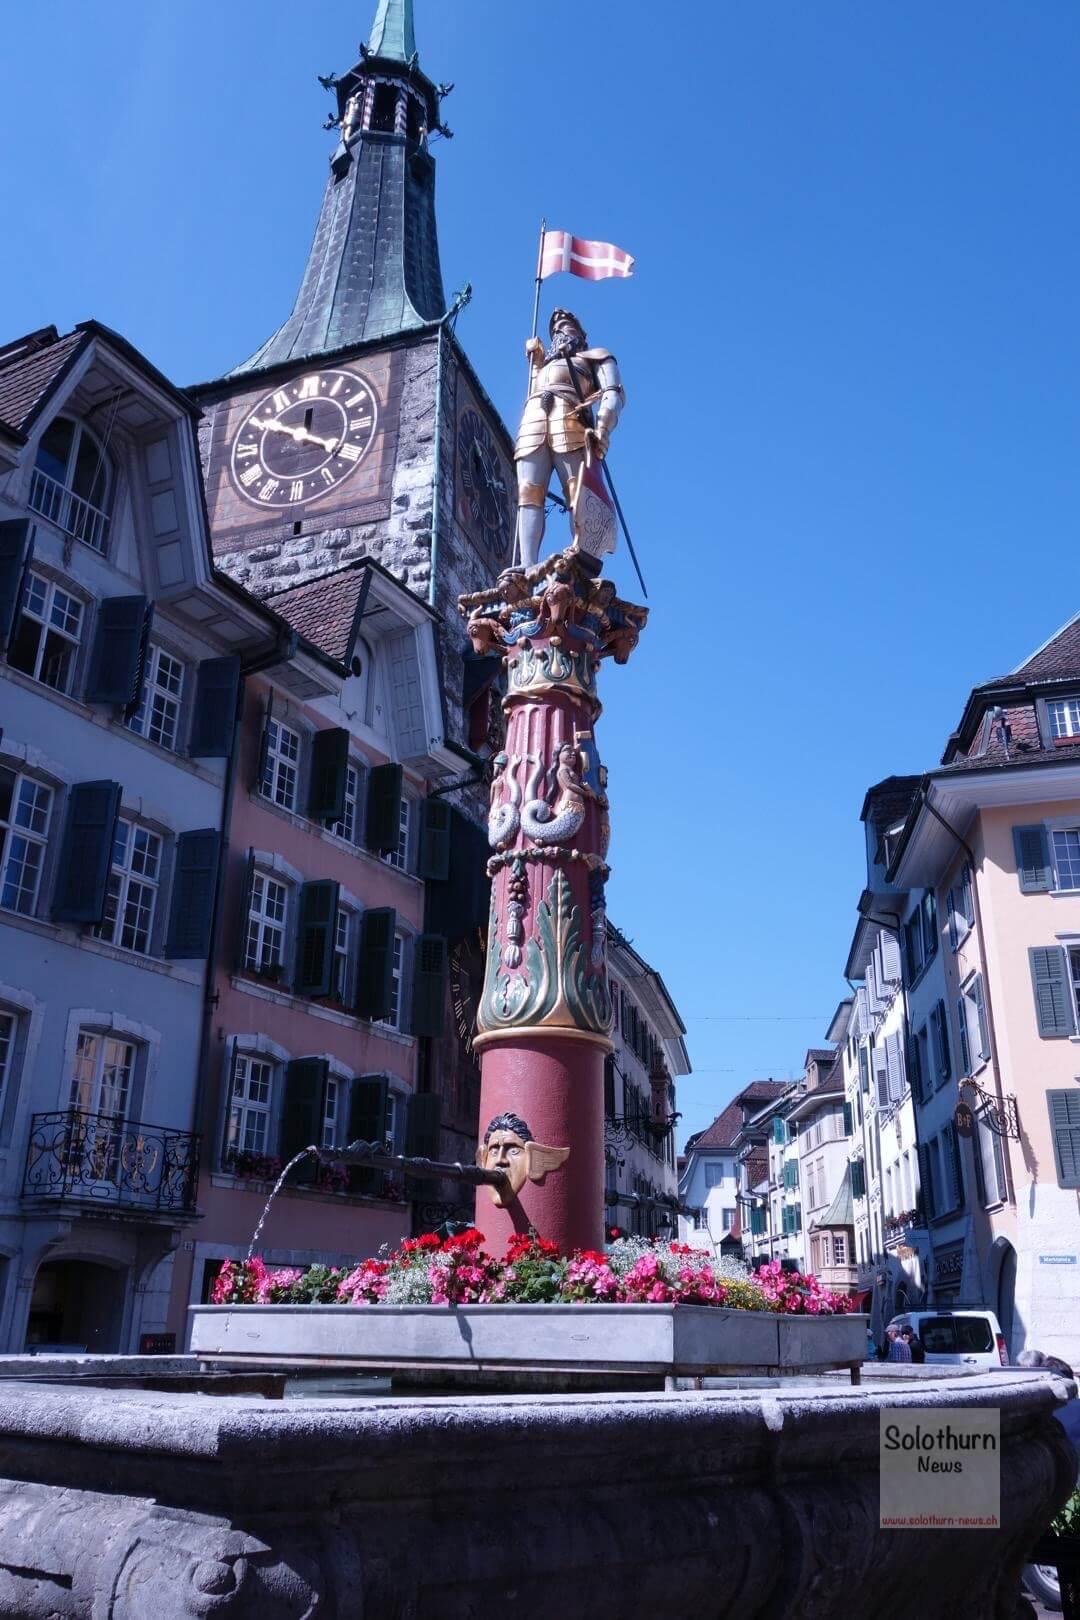 Solothurn Brunnen – Fischbrunnen : St. Ursen-Brunnen